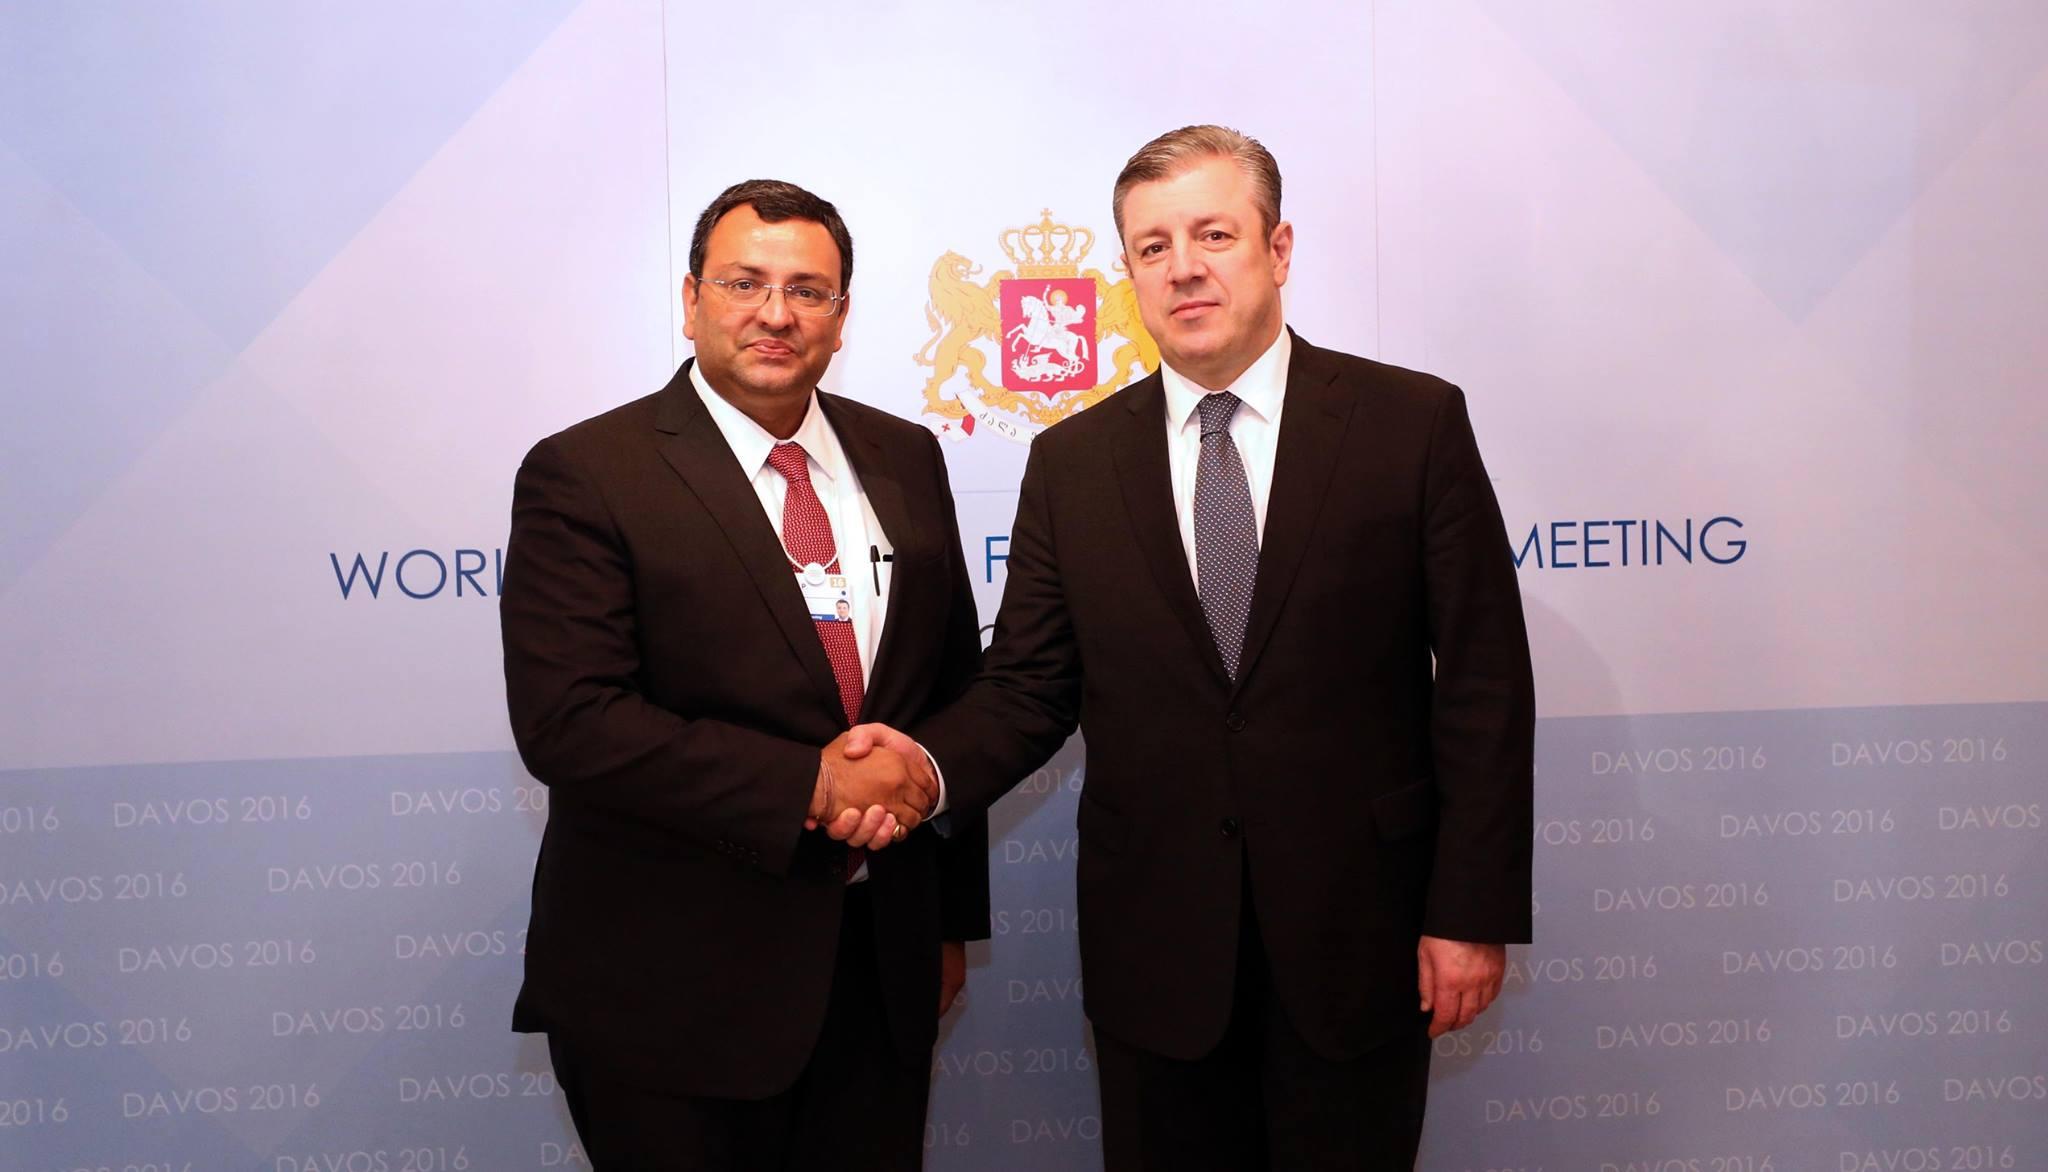 Tata Sons LTD საქართველოში ინვესტიციების გაზრდას გეგმავს